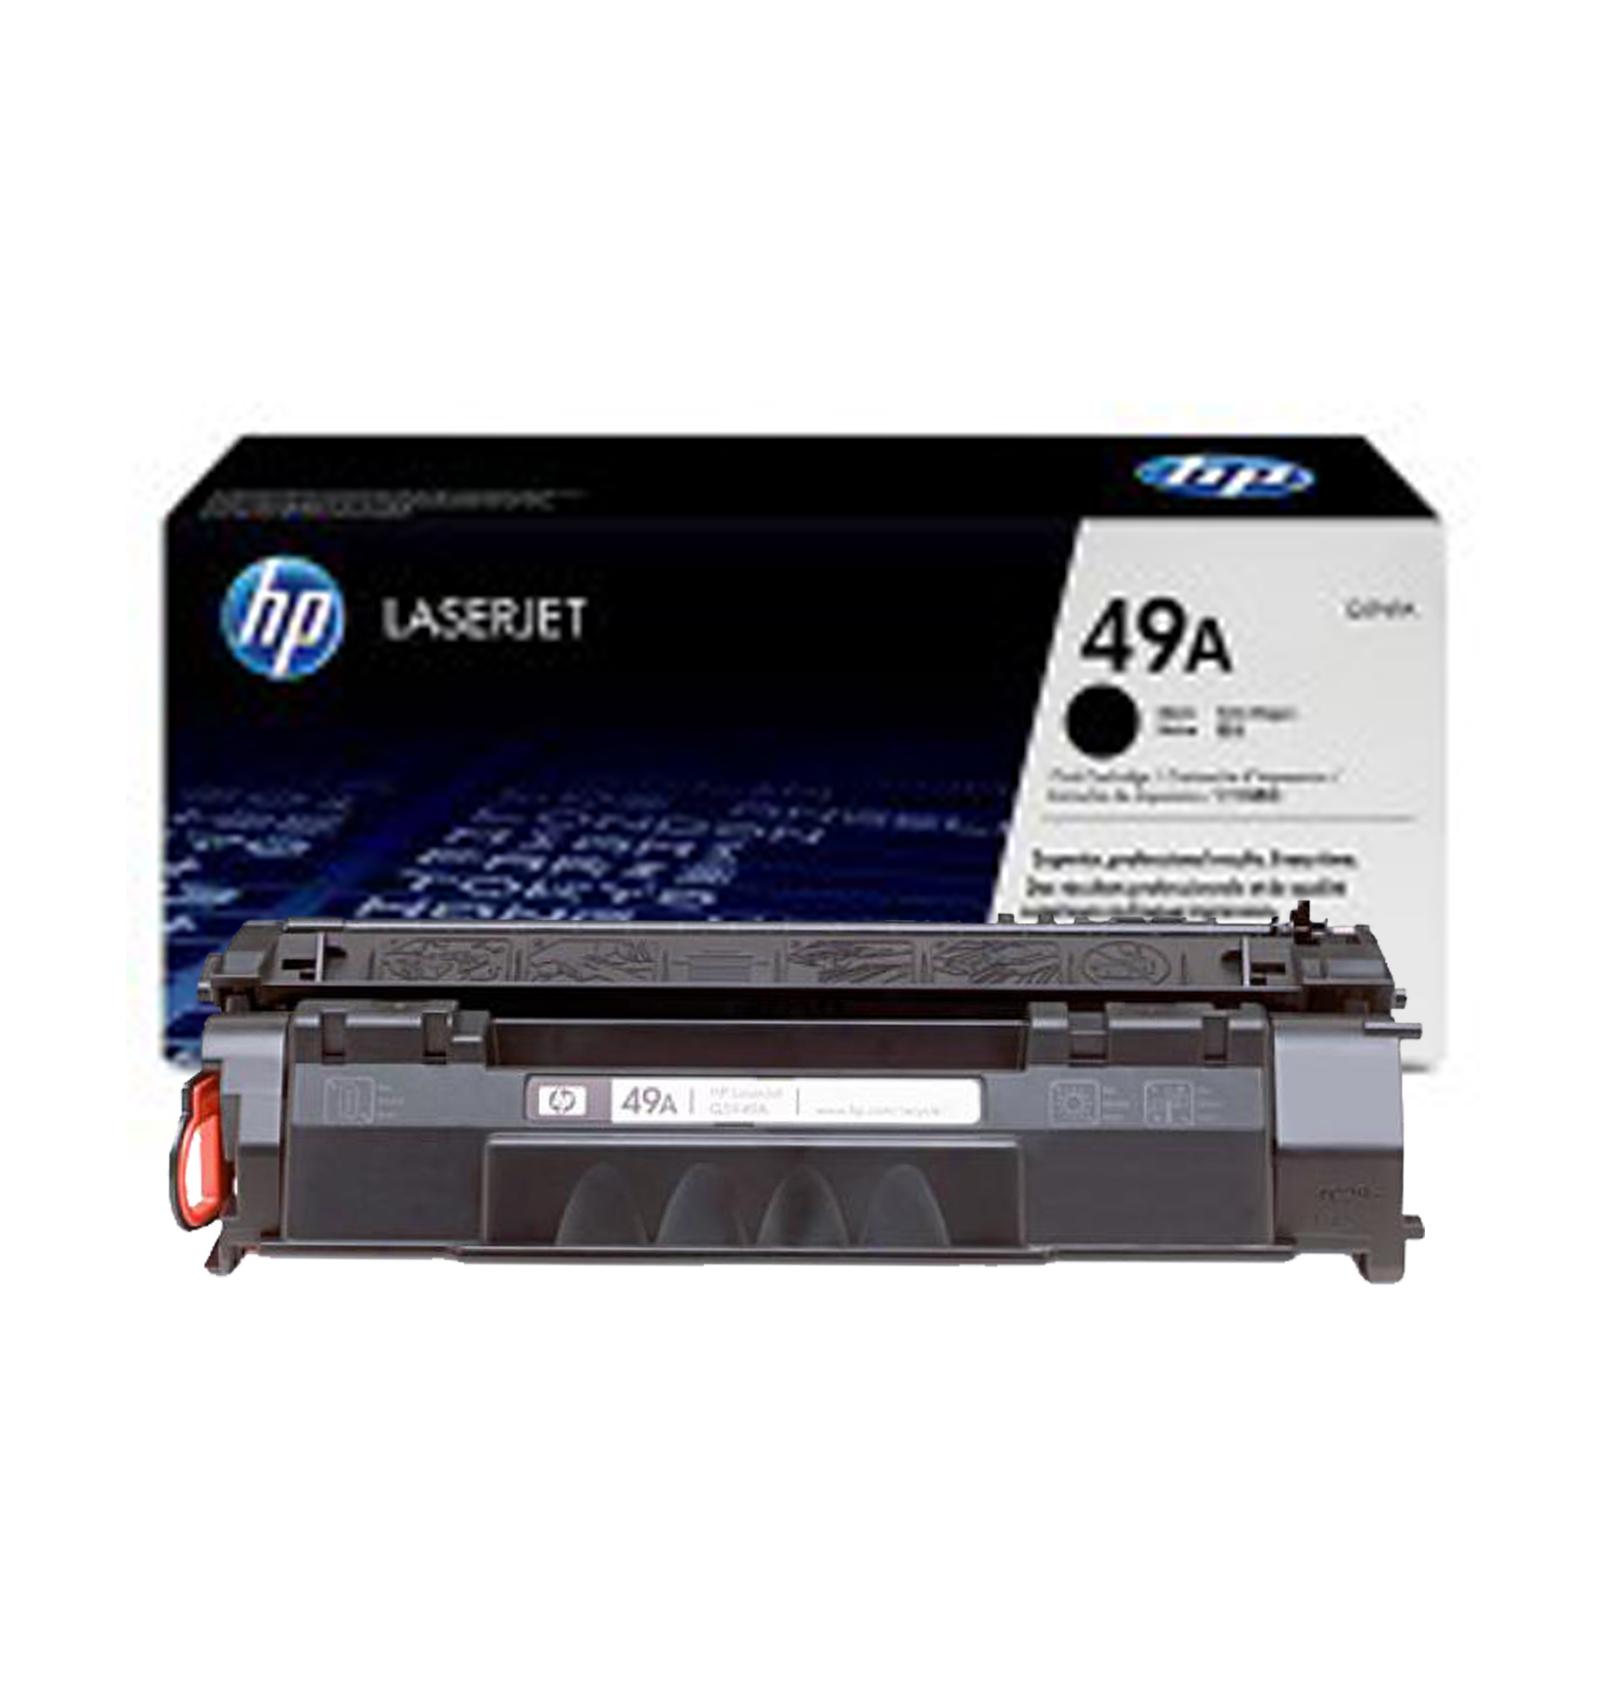 Заправка картриджей HP Q5949A (49A) для LaserJet 1160/1320/3390/3392